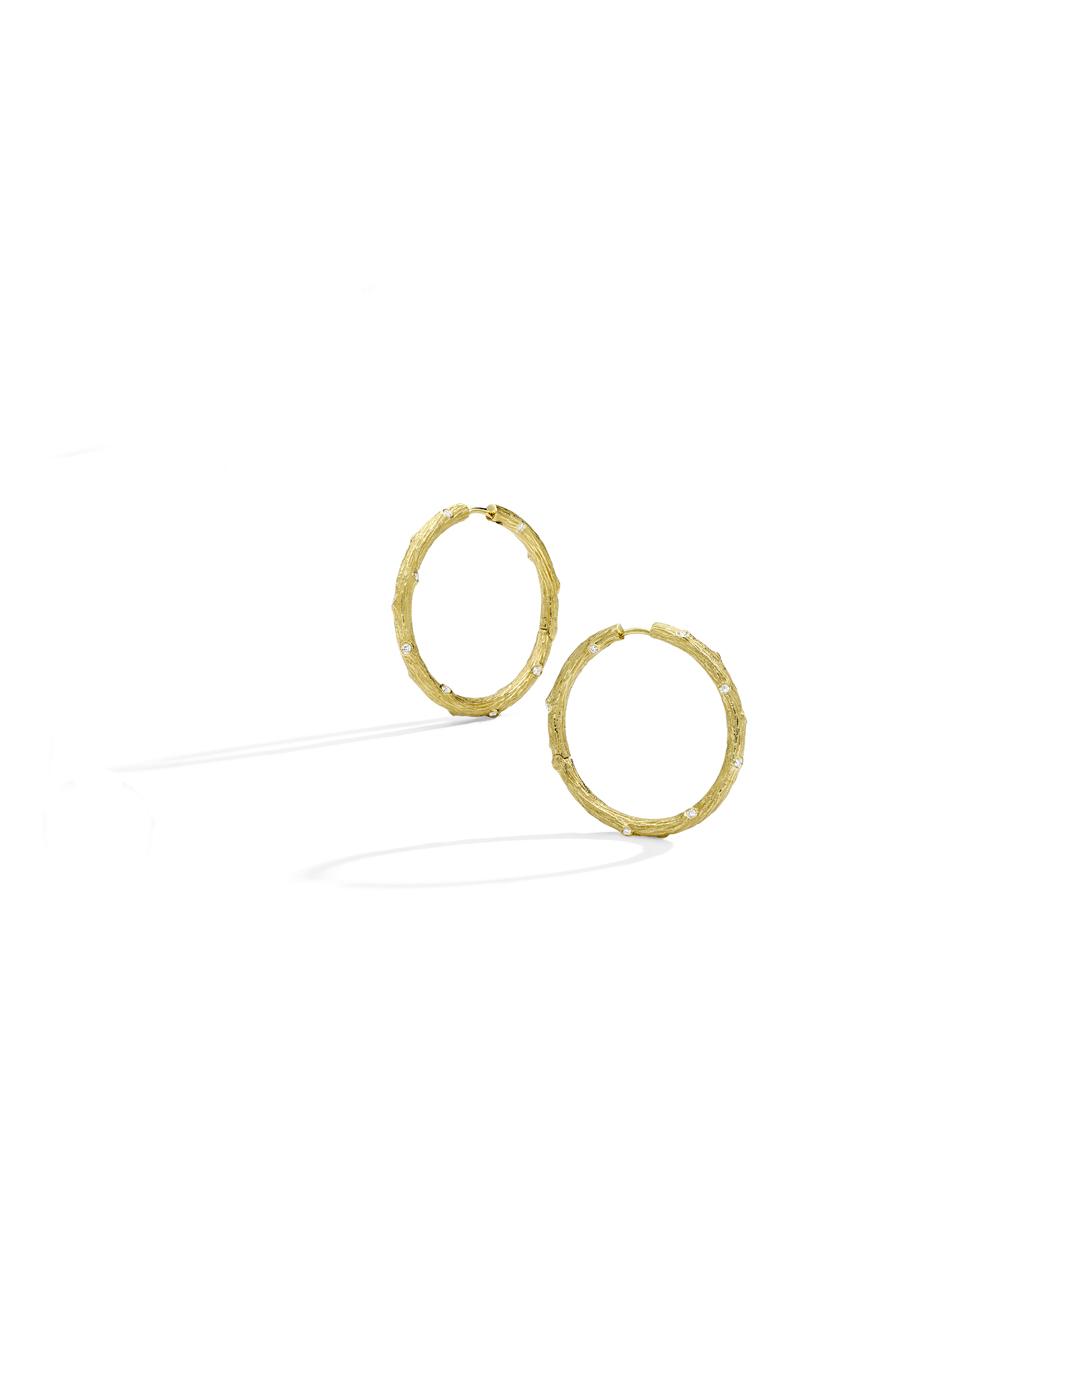 mish_products_earrings_Twig- Med Hoop YG-ER-1